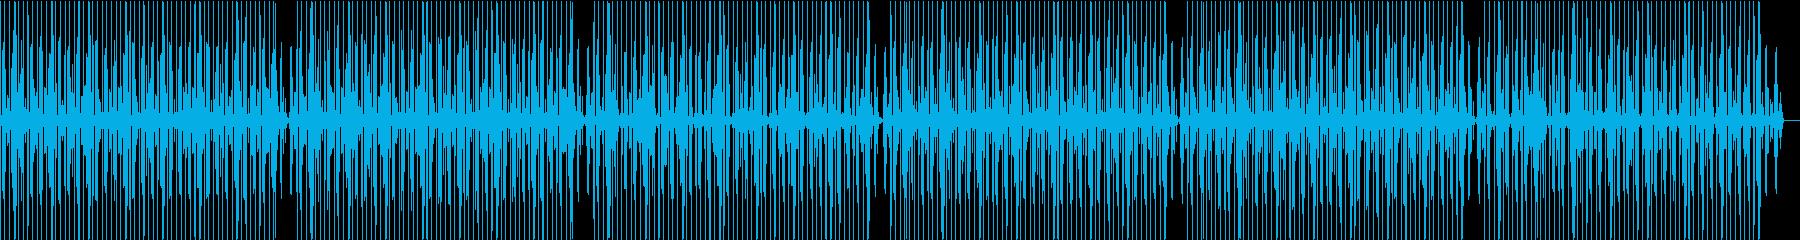 Rhythm Textureの再生済みの波形